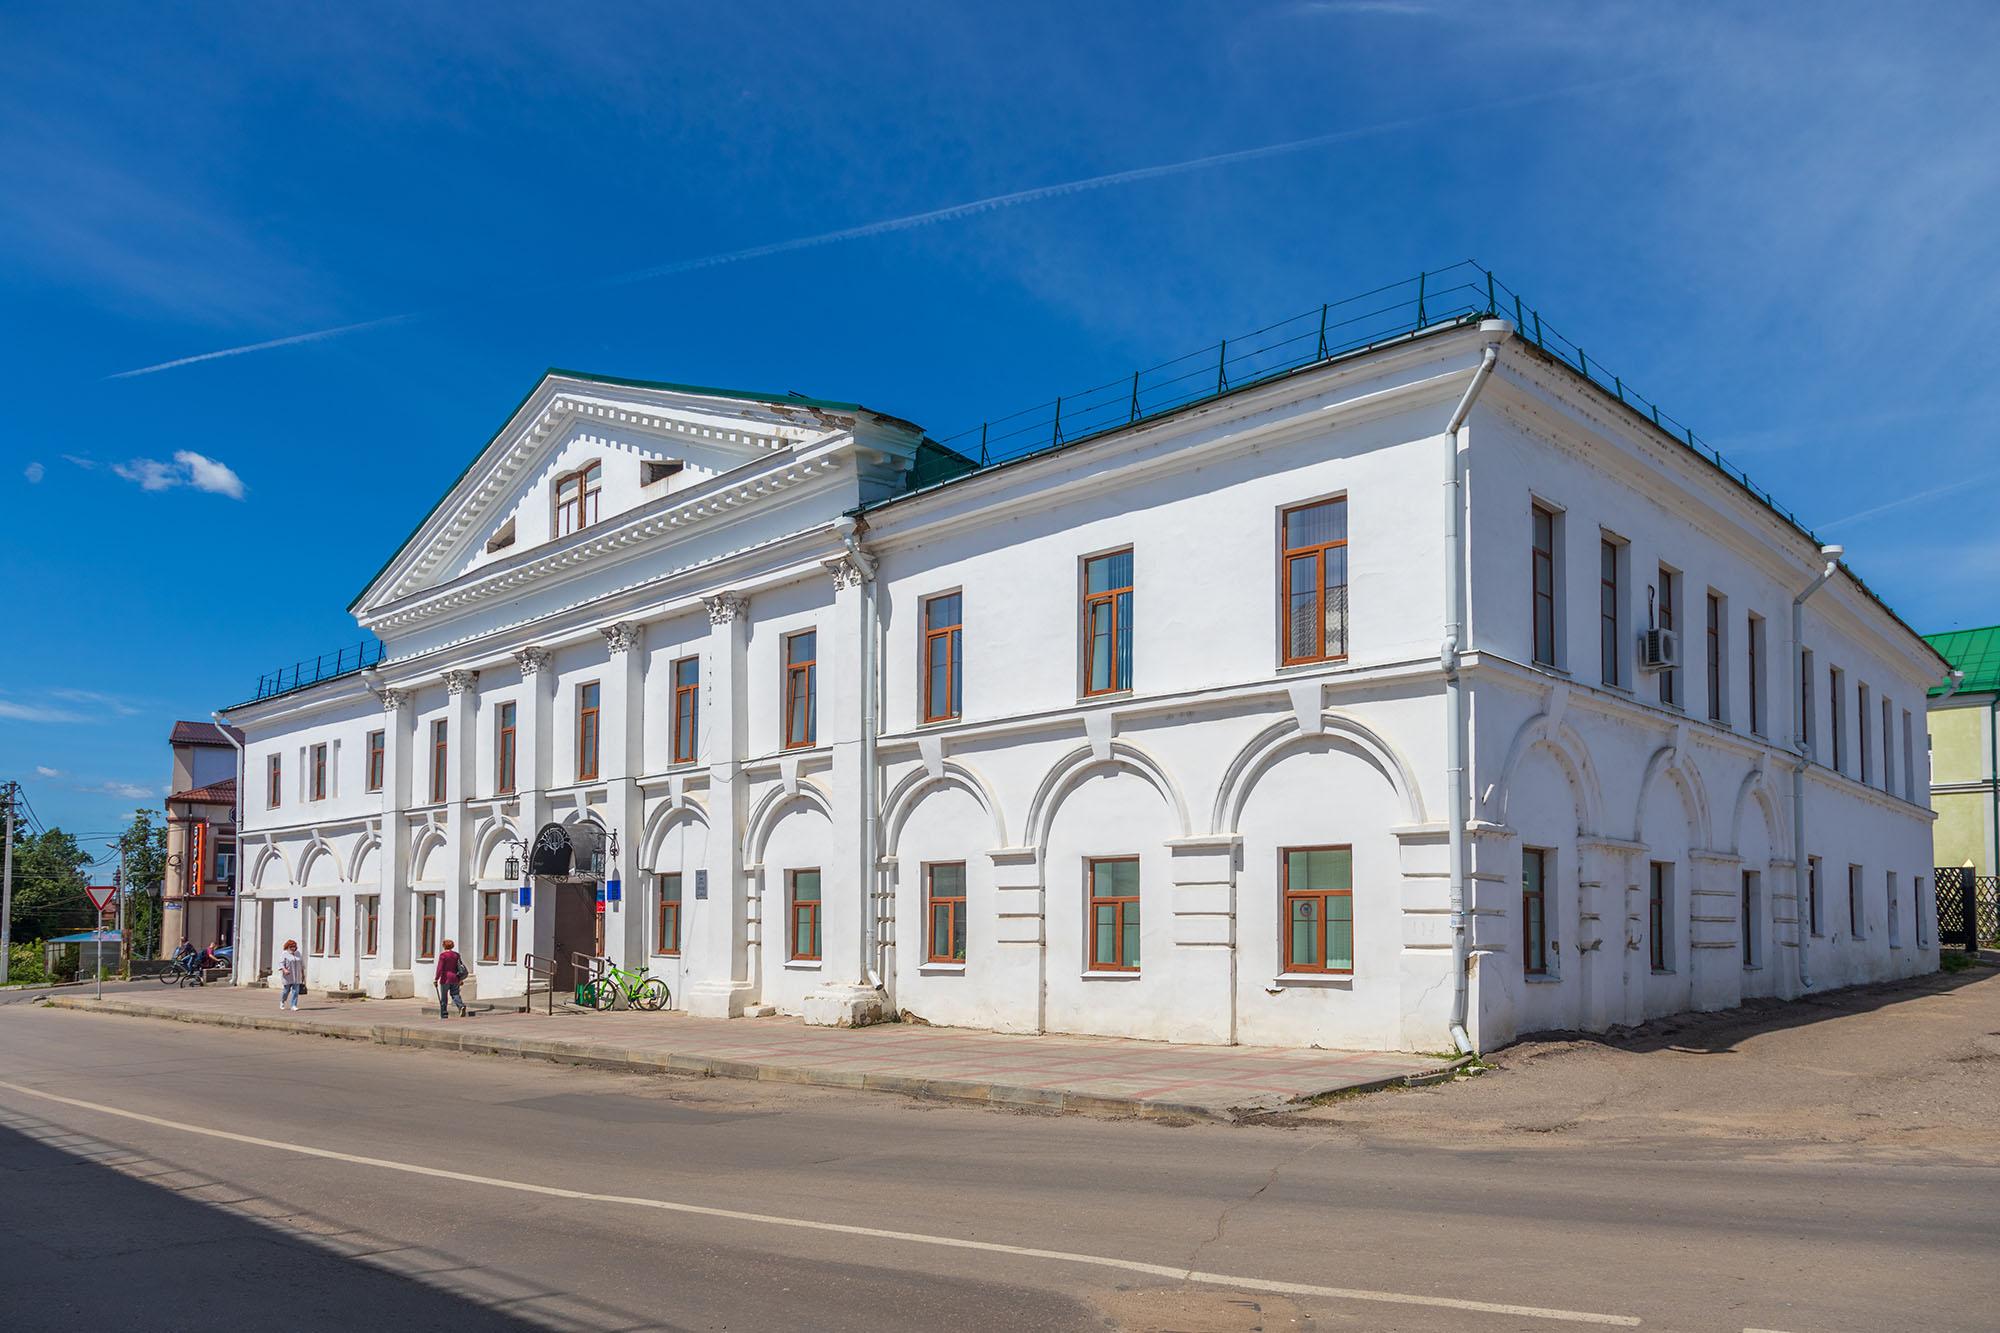 Реконструкцию Арзамасского музыкального колледжа планируется закончить до декабря 2022 года